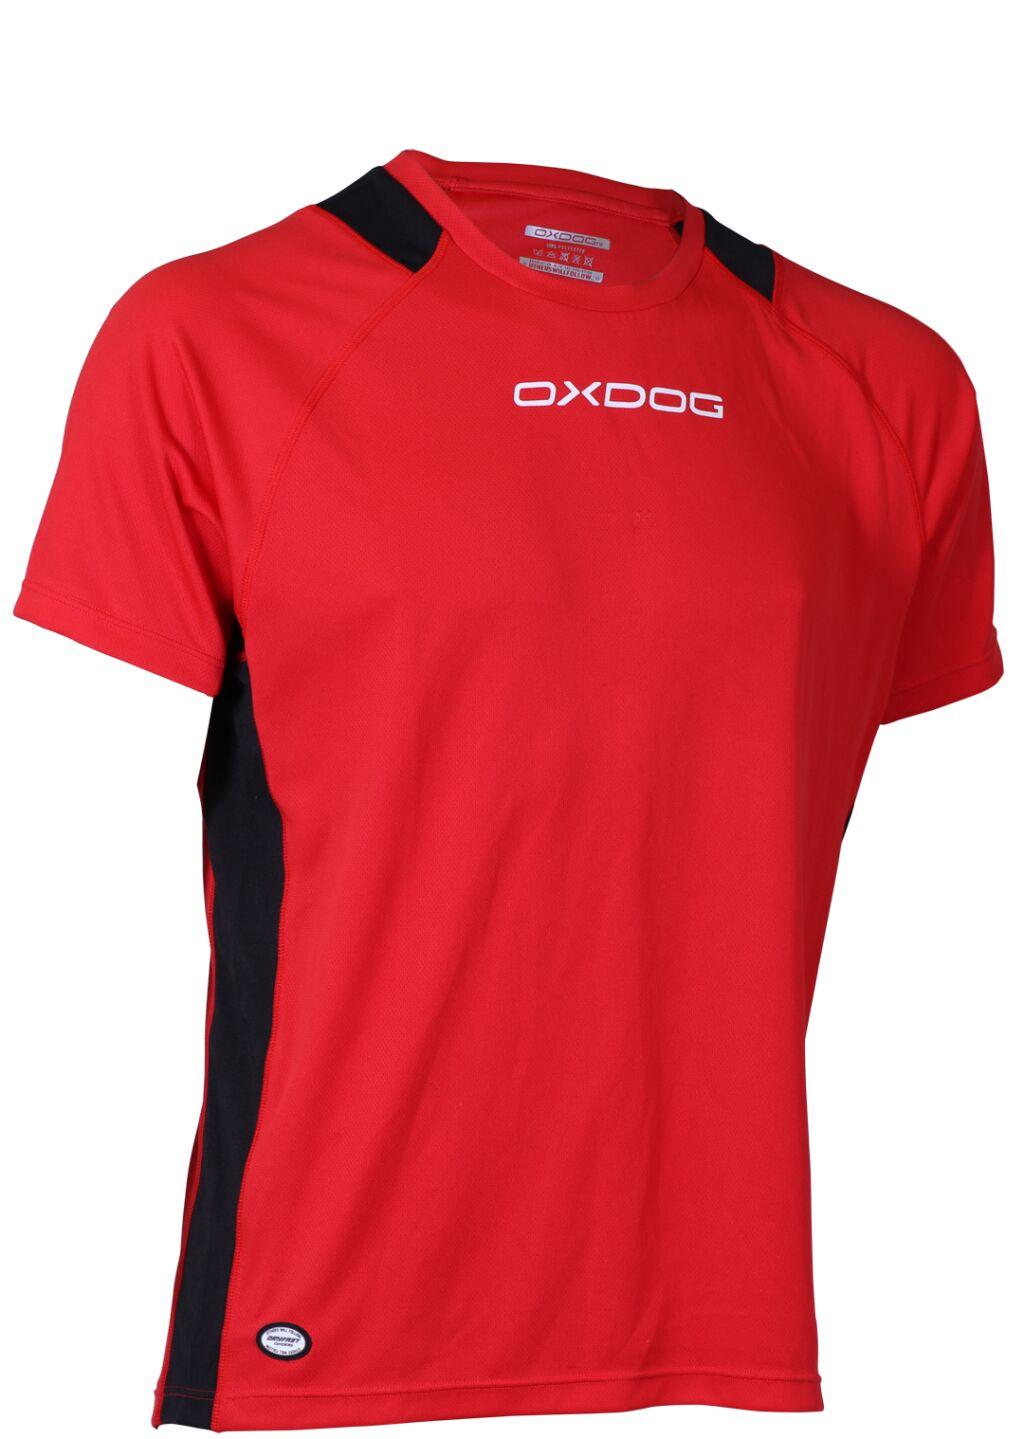 Oxdog Avalon shirt paita